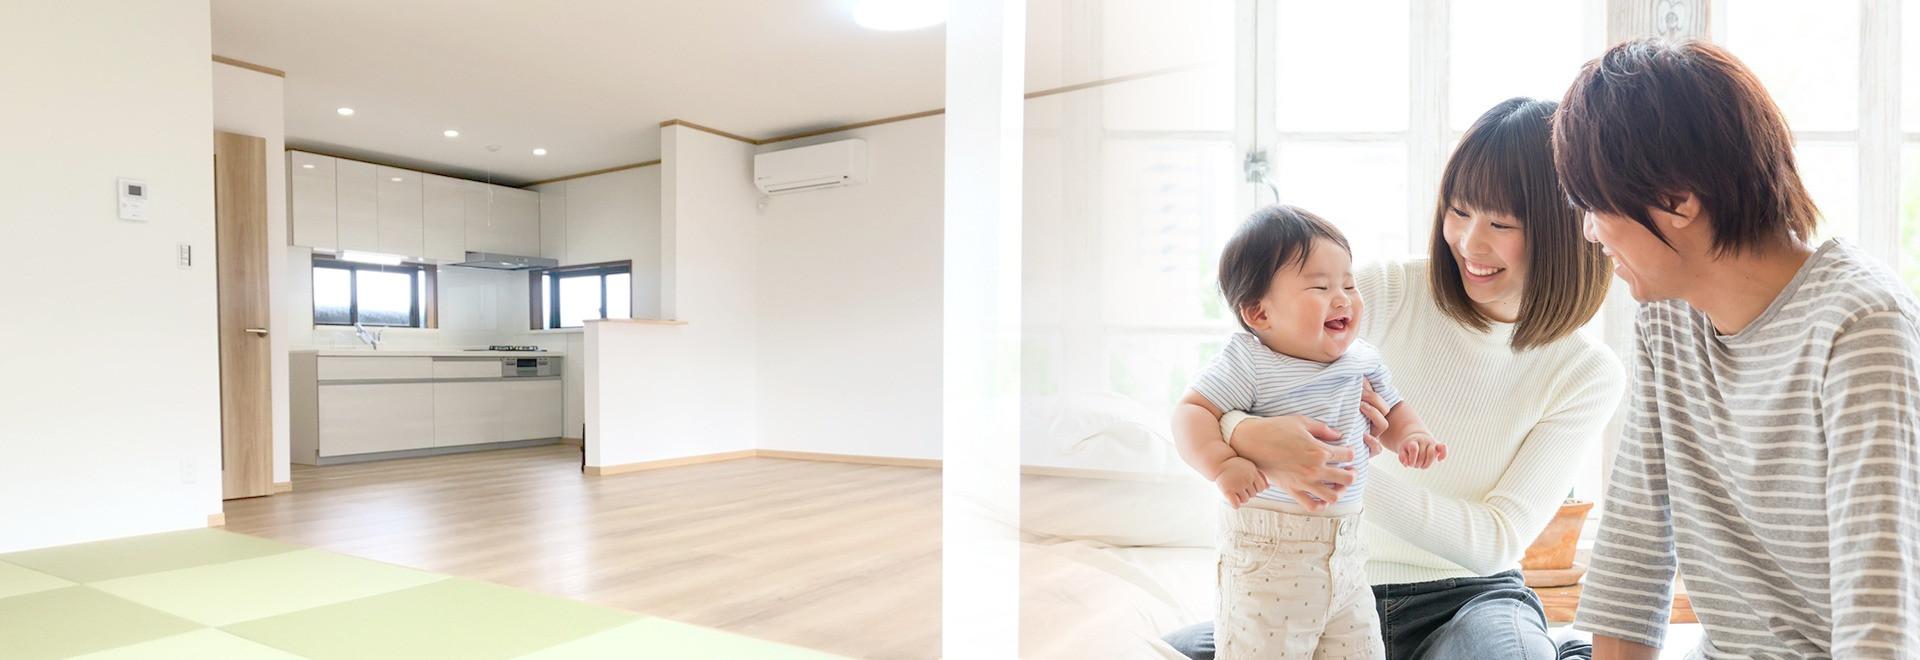 宮城県の住宅リフォーム・リノベーション|株式会社きくち建築工房